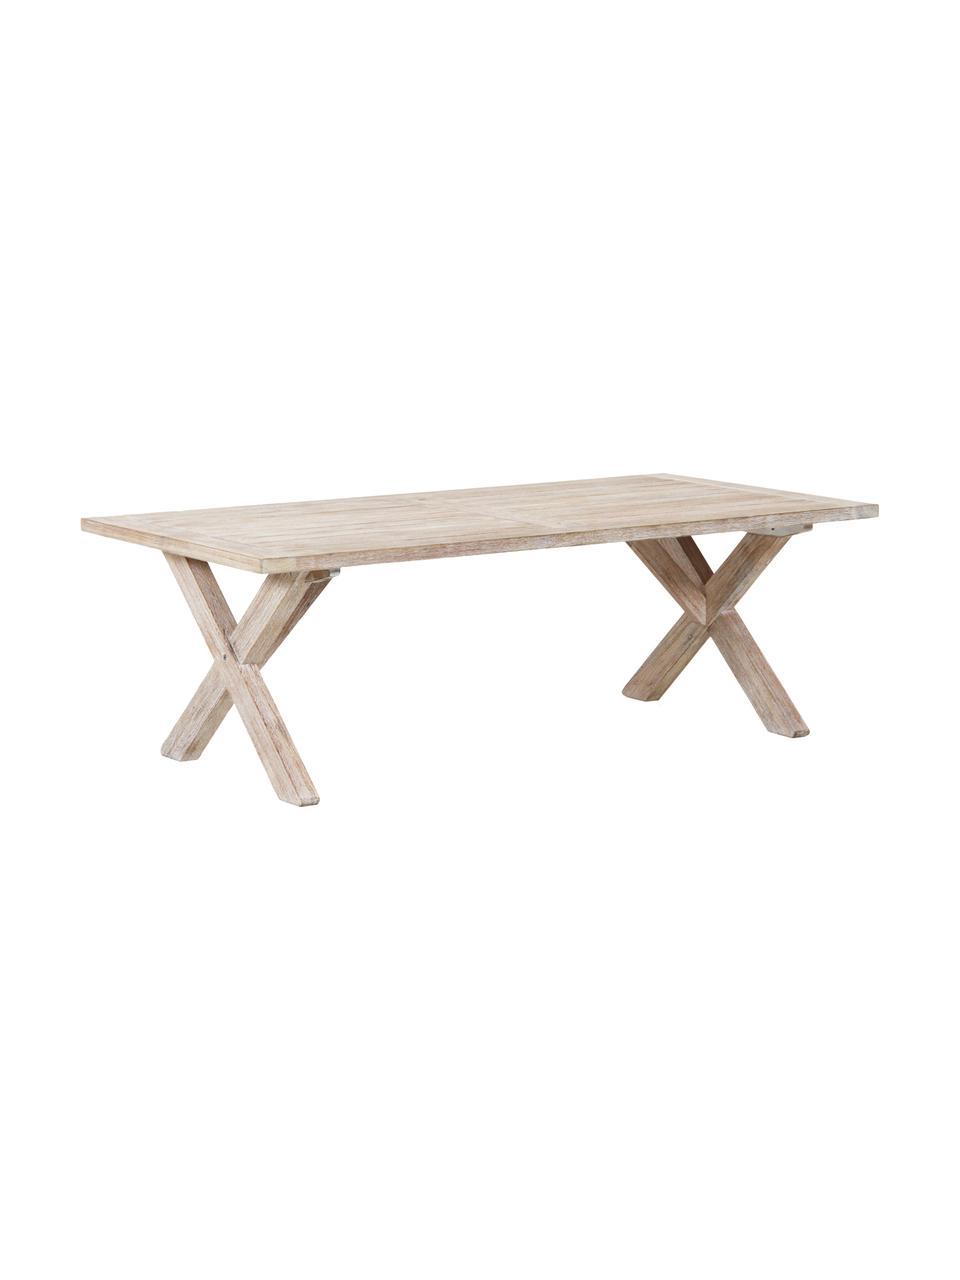 Garten-Esstisch Arizona aus Akazienholz, Akazienholz, weiß gewaschen, Akazie, weiß gewaschen, B 200 x T 90 cm